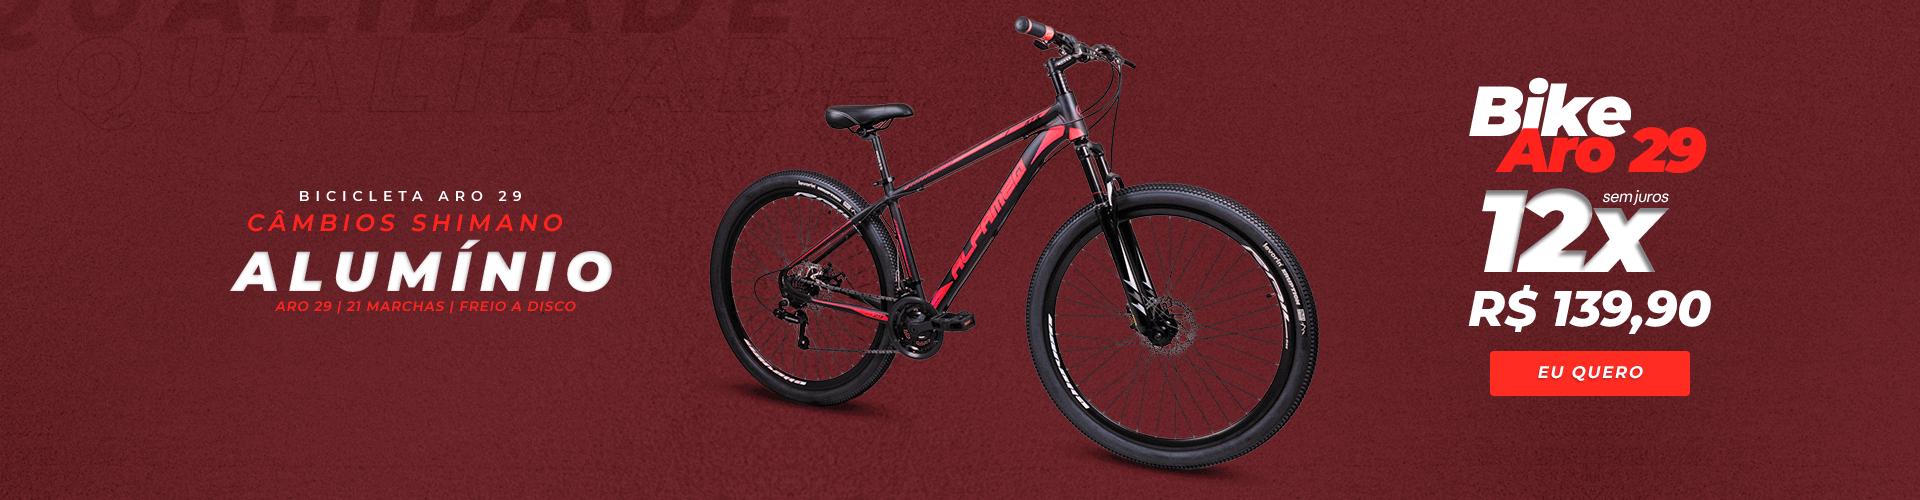 Bicicleta 29 - Masculina